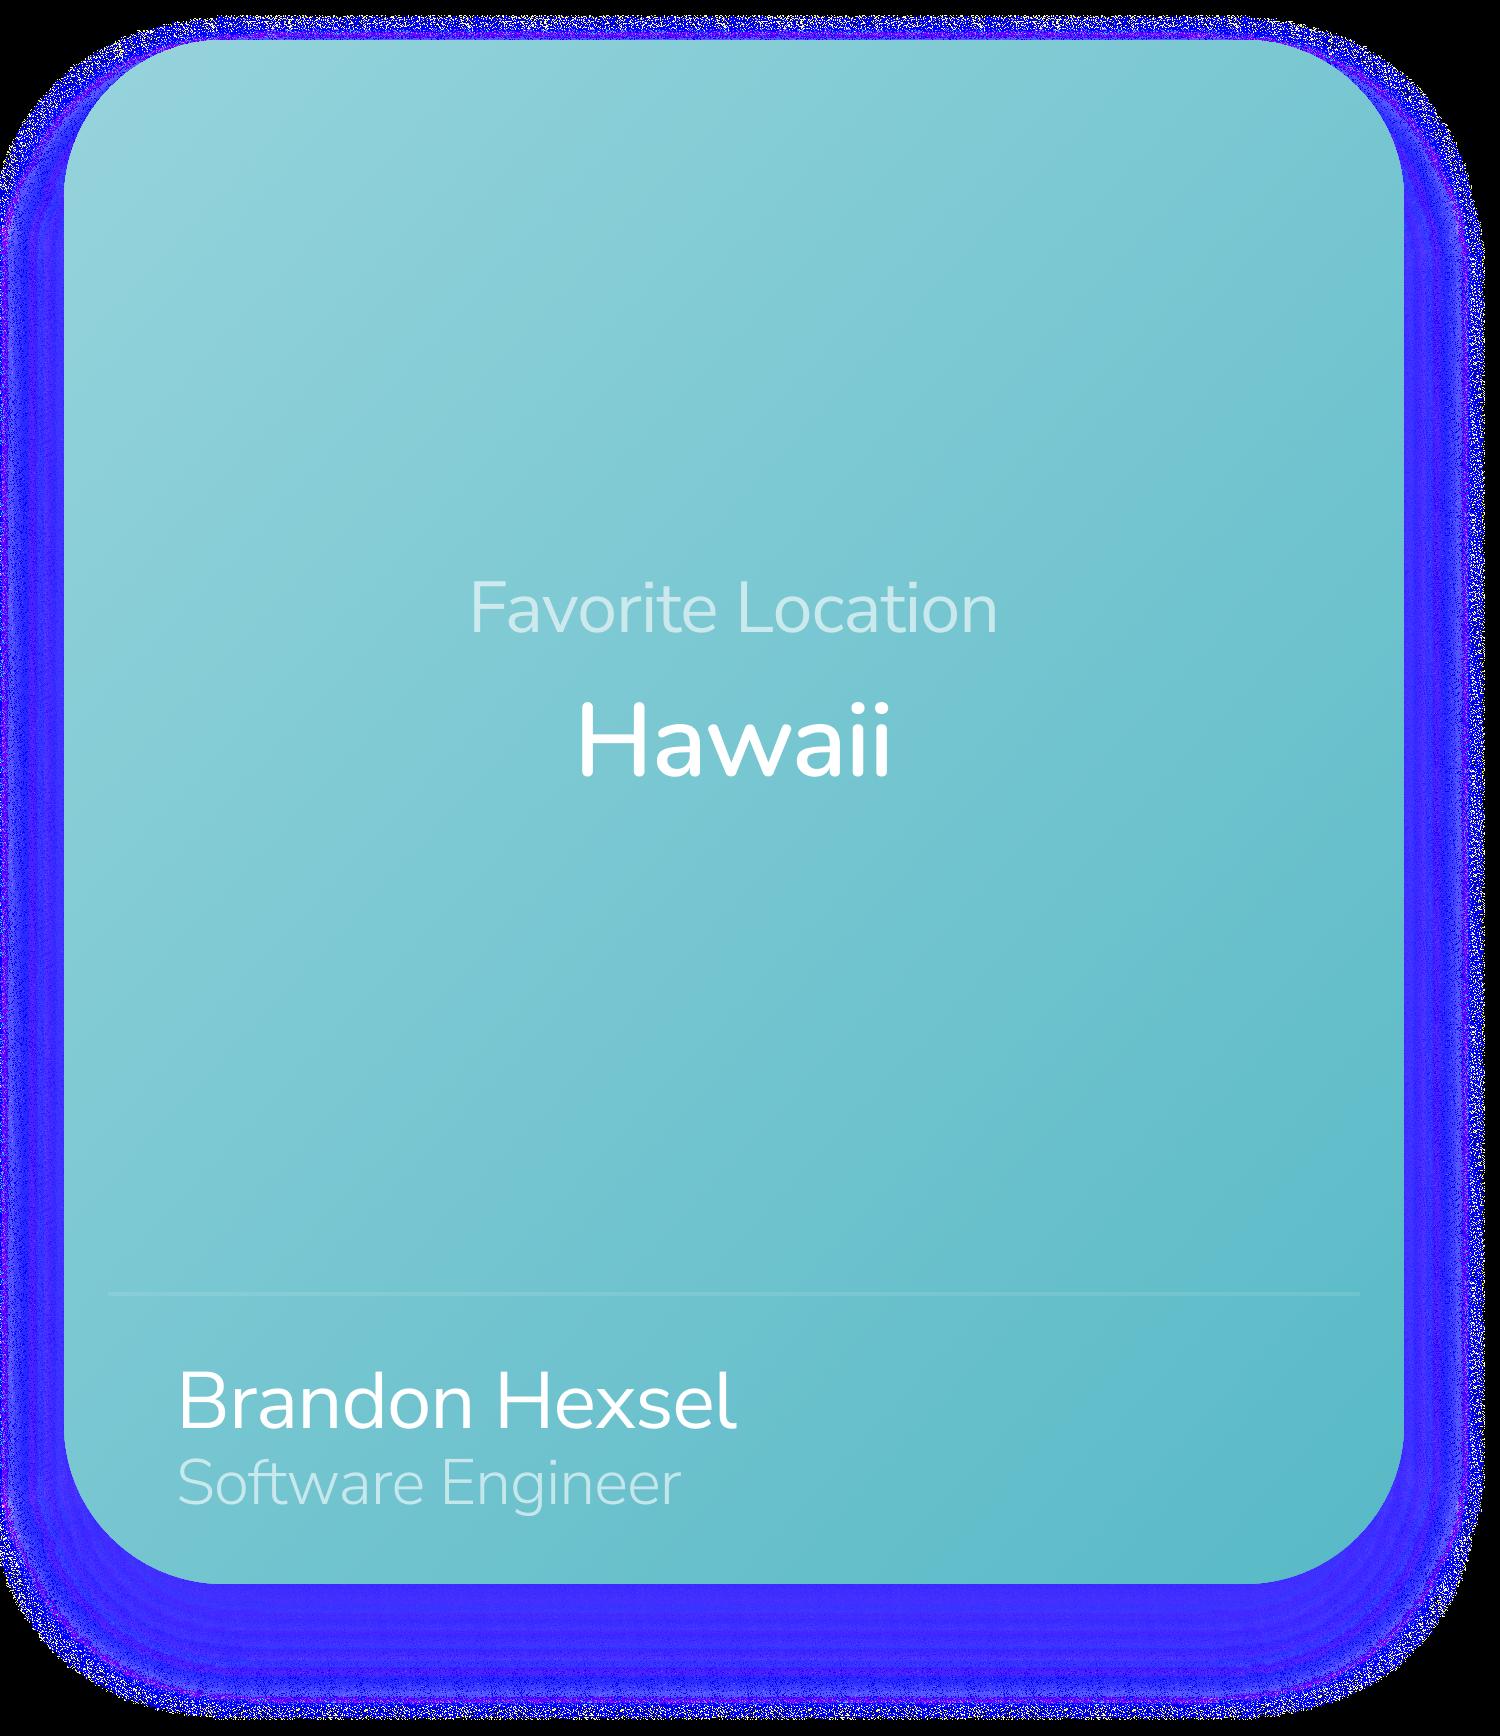 Brandon Hexsel Software Engineer